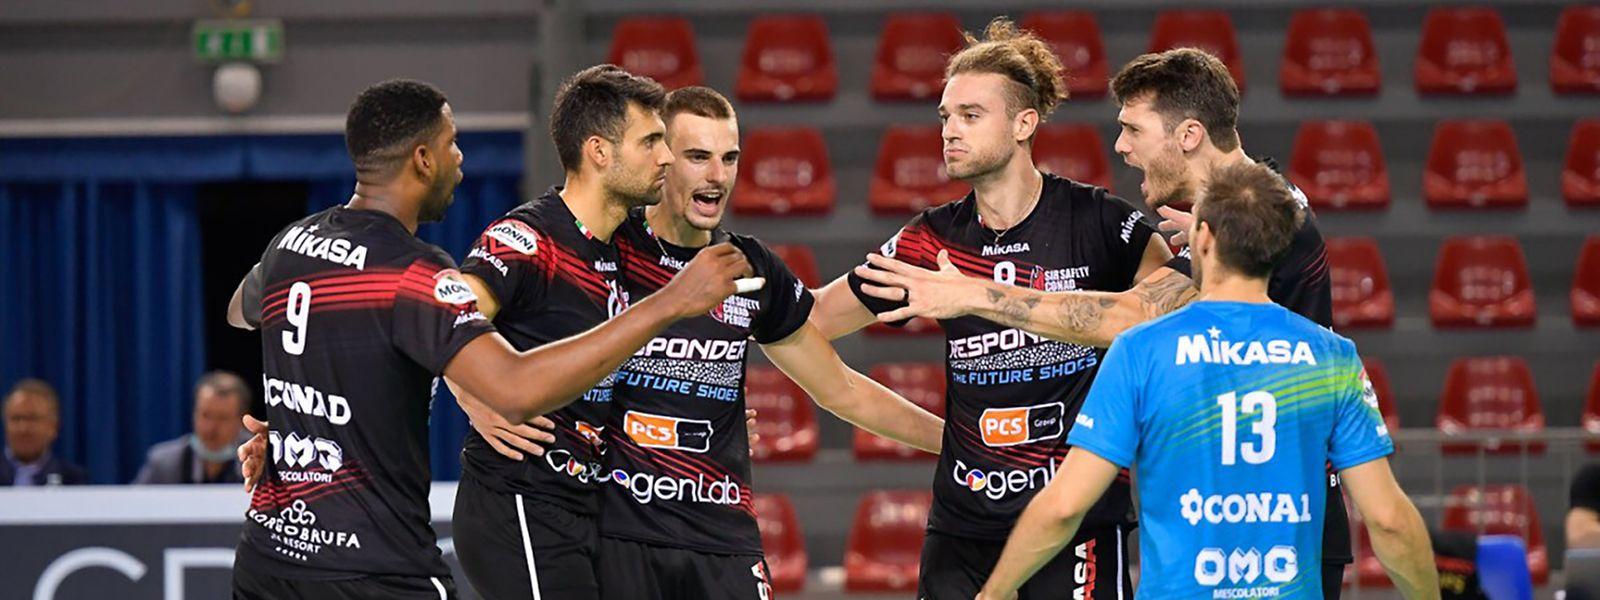 Kamil Rychlicki (3.v.r.) reiht sich in die Perugia-Mannschaft um Starspieler Wilfredo León (l.) ein. Gegen seinen Ex-Club Civitanova setzt es in der Vorbereitung allerdings eine Niederlage.